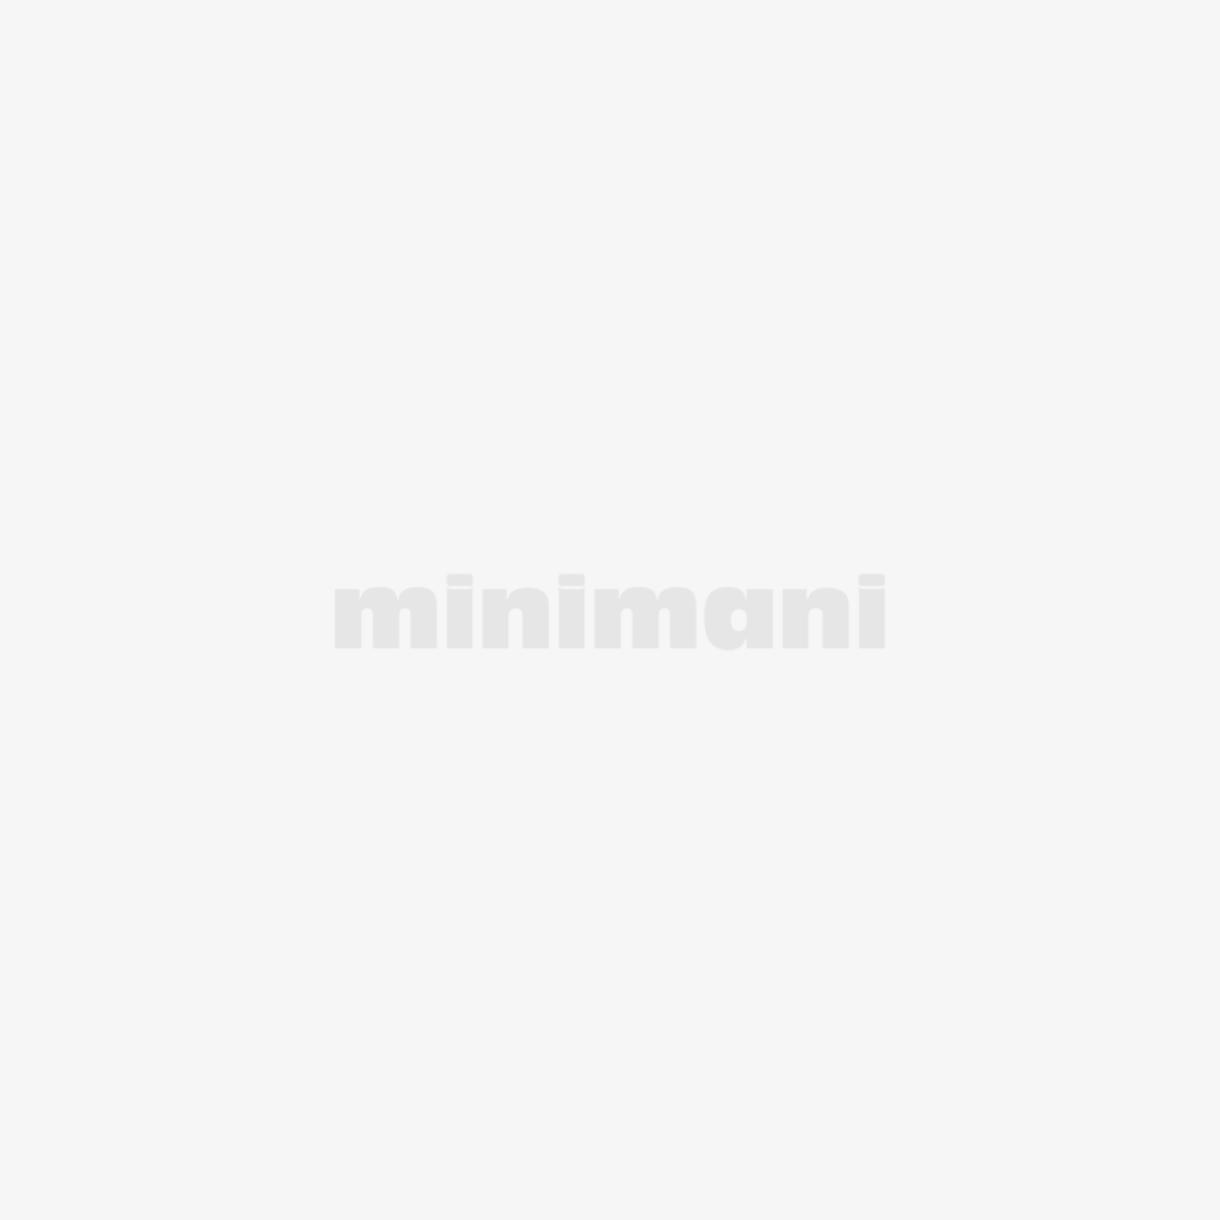 Vallila muovitabletti 37x37 cm, Lappajärvi keltainen